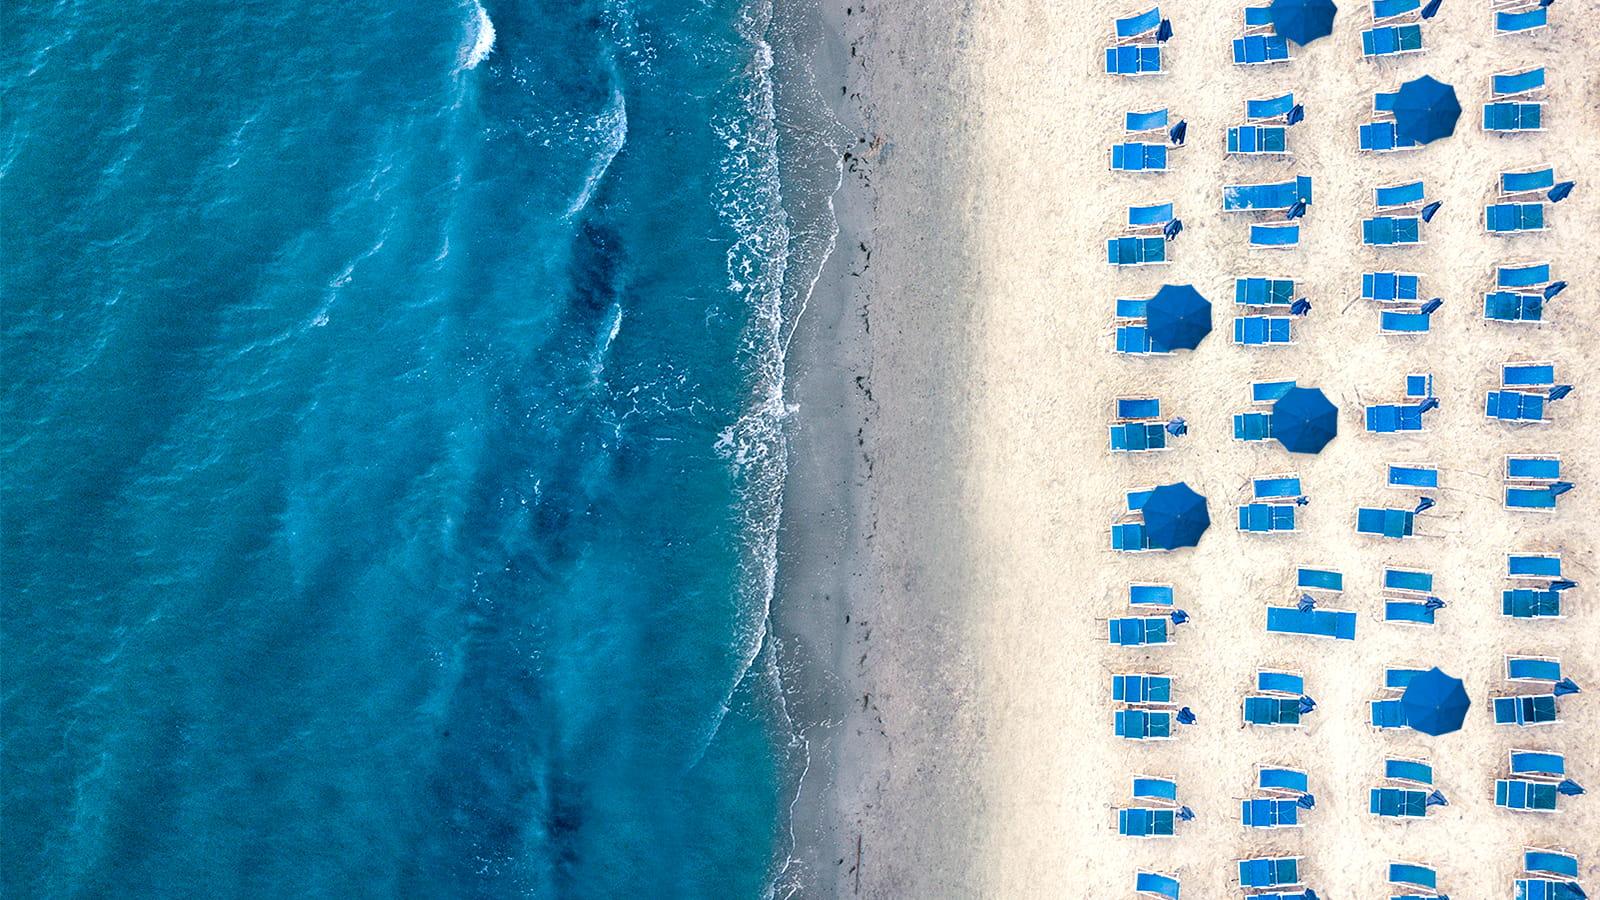 Cerca la spiaggia che fa per te